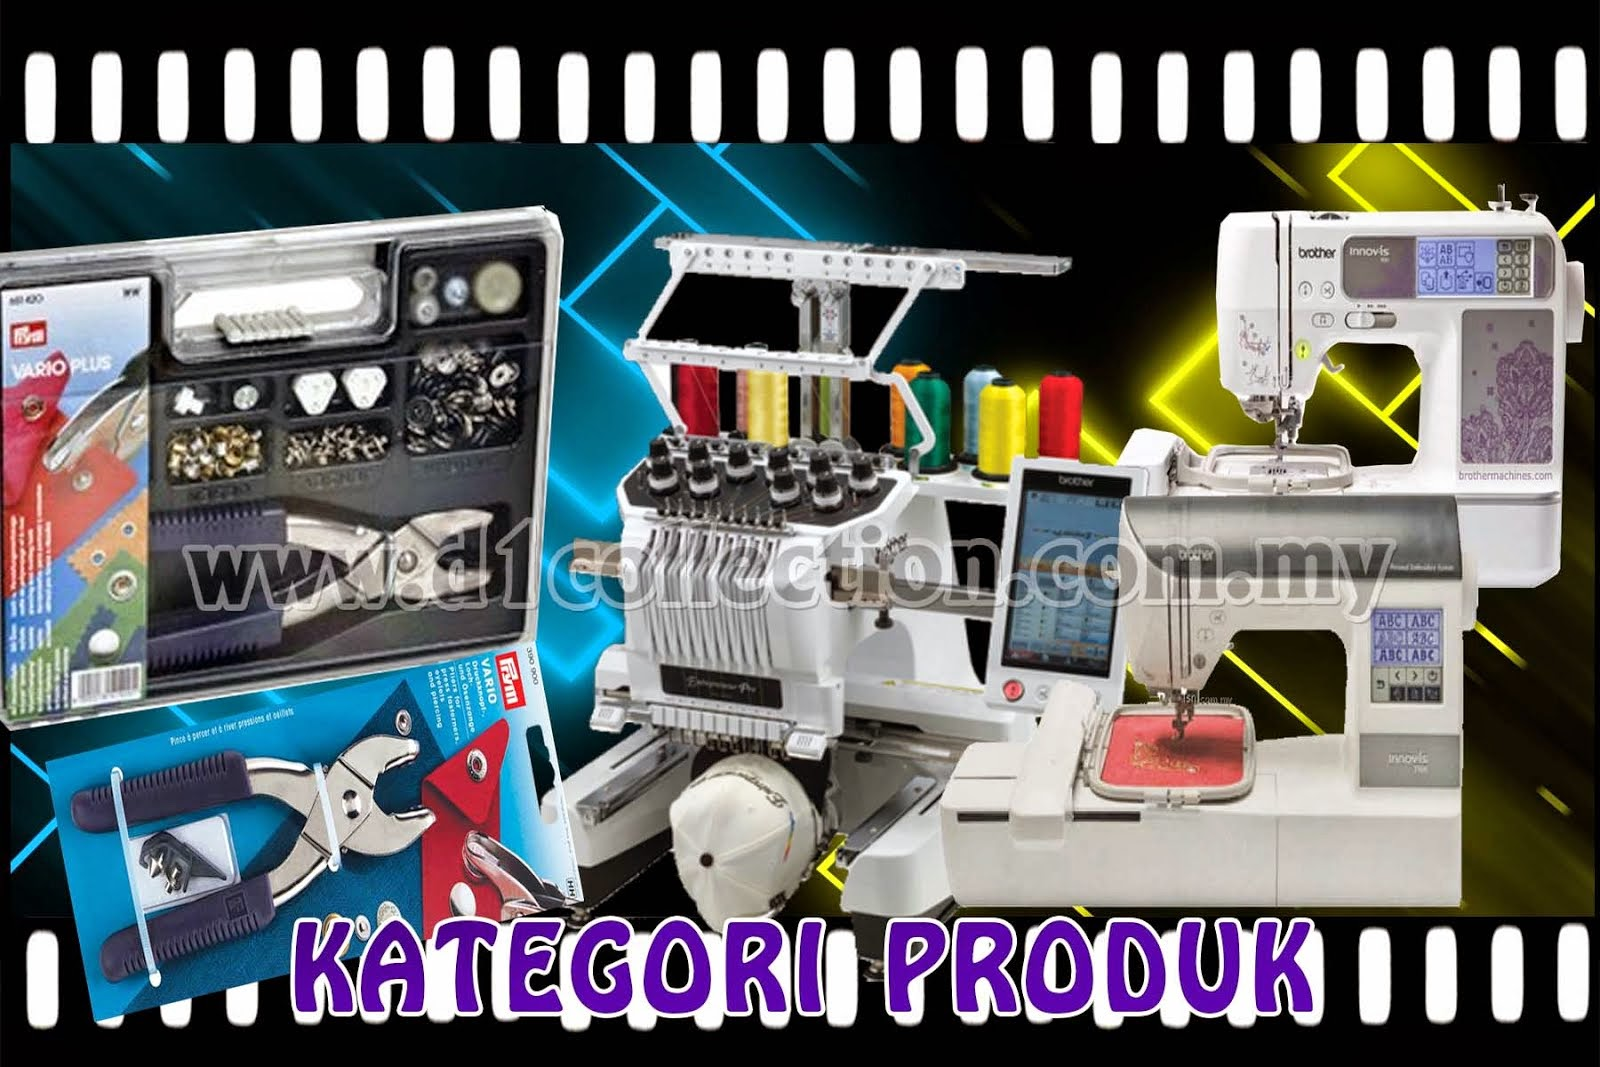 Kategori Produk